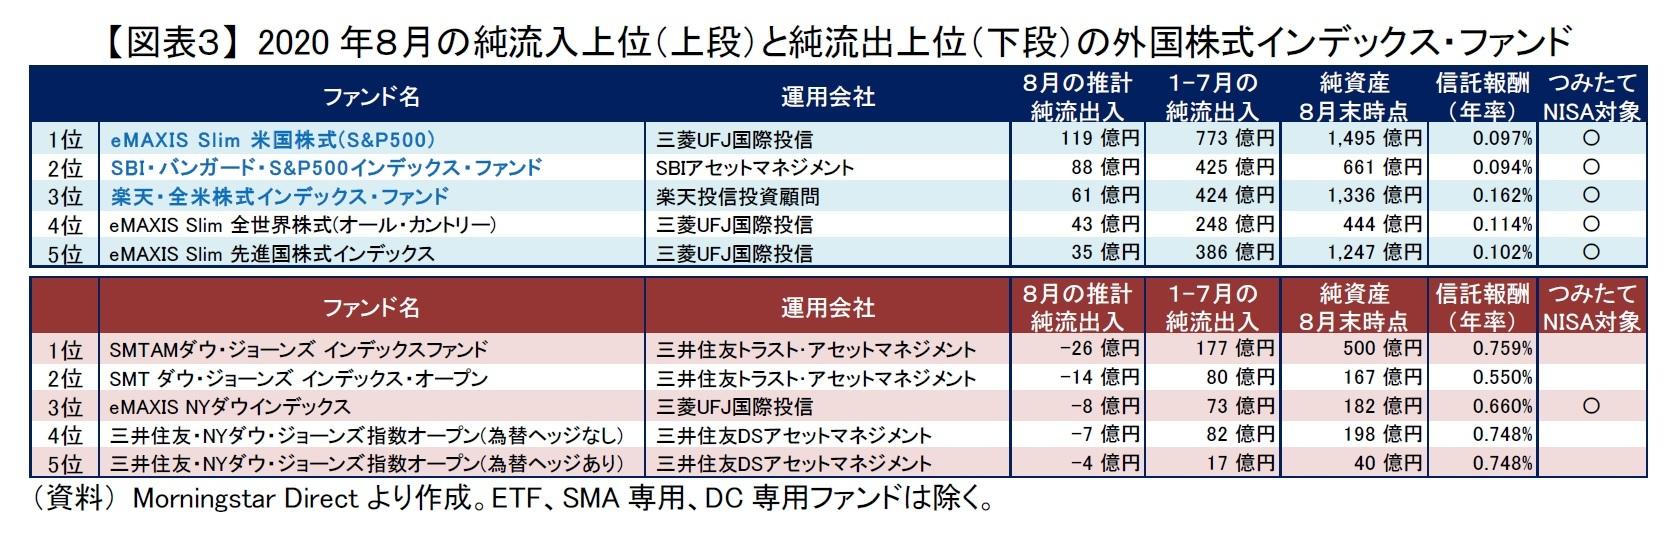 【図表3】 2020年8月の純流入上位(上段)と純流出上位(下段)の外国株式インデックス・ファンド